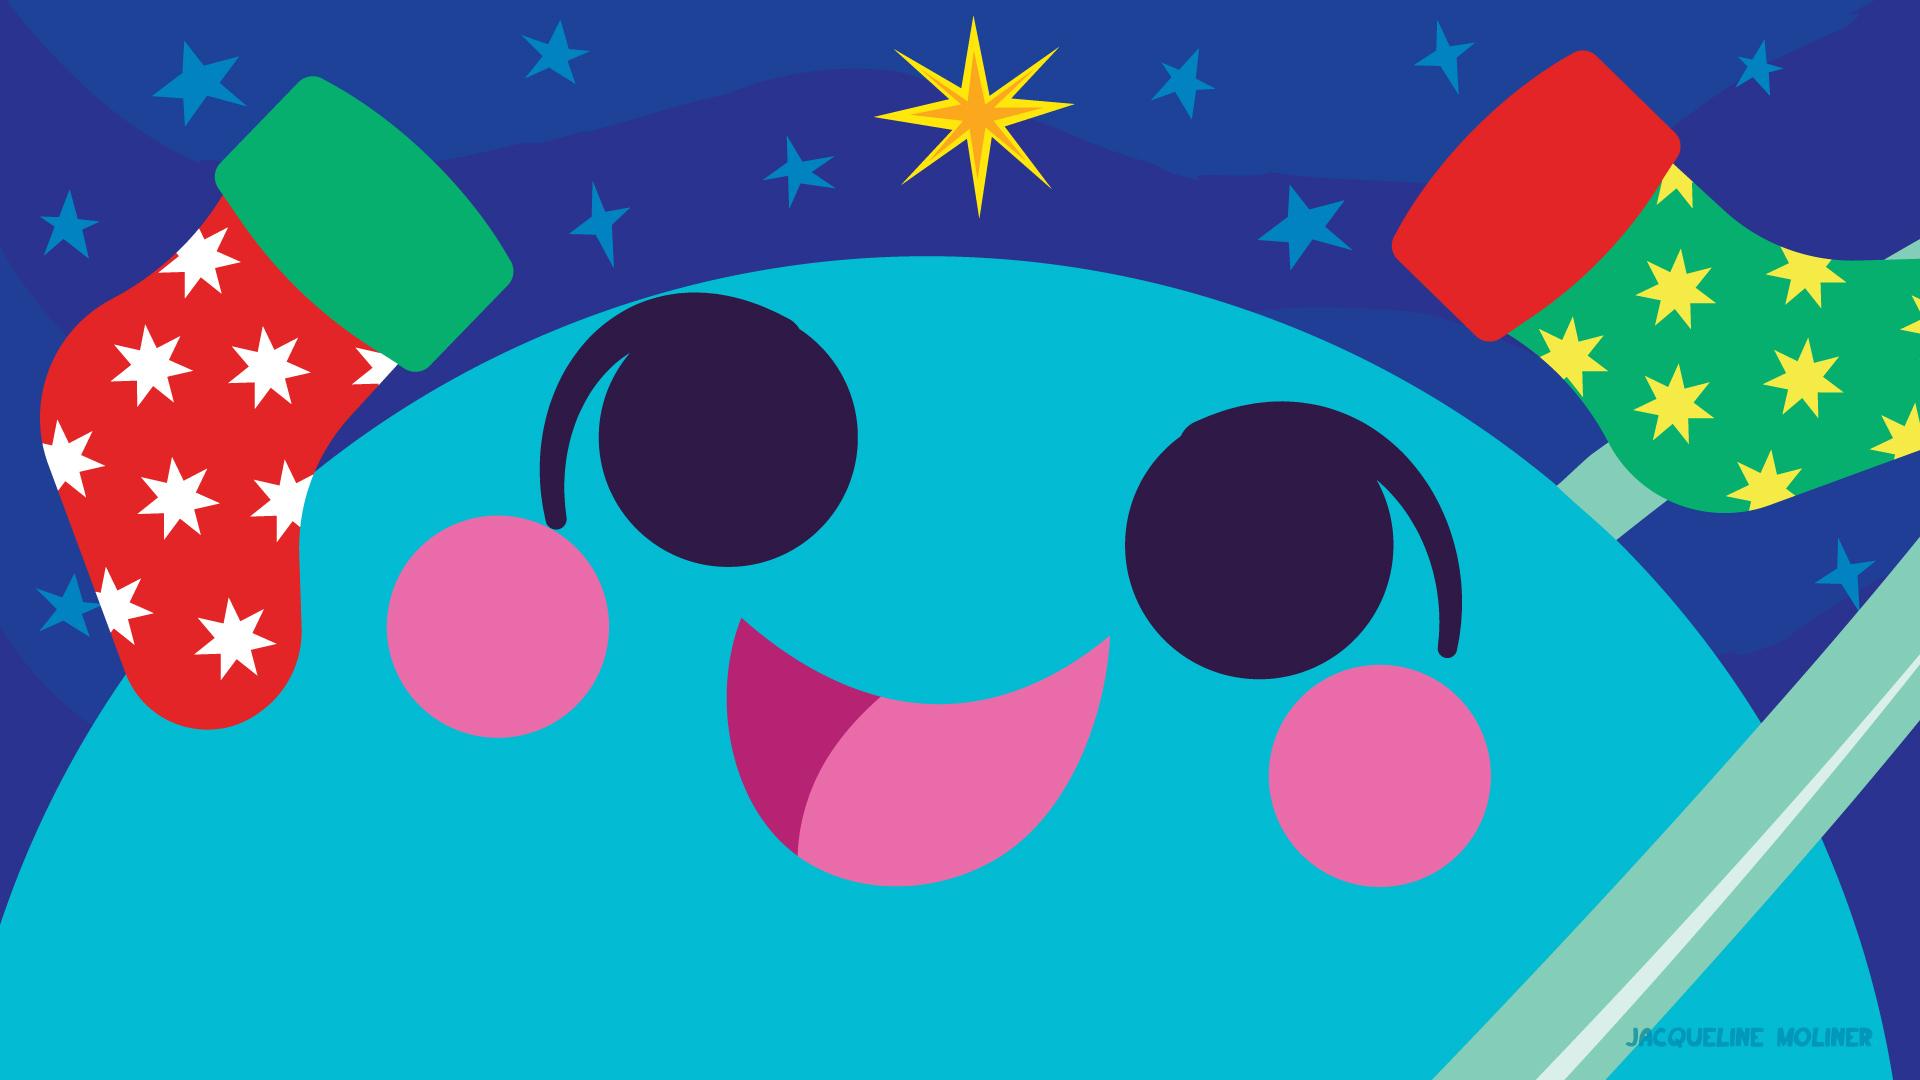 Uranus Holiday Wallpaper